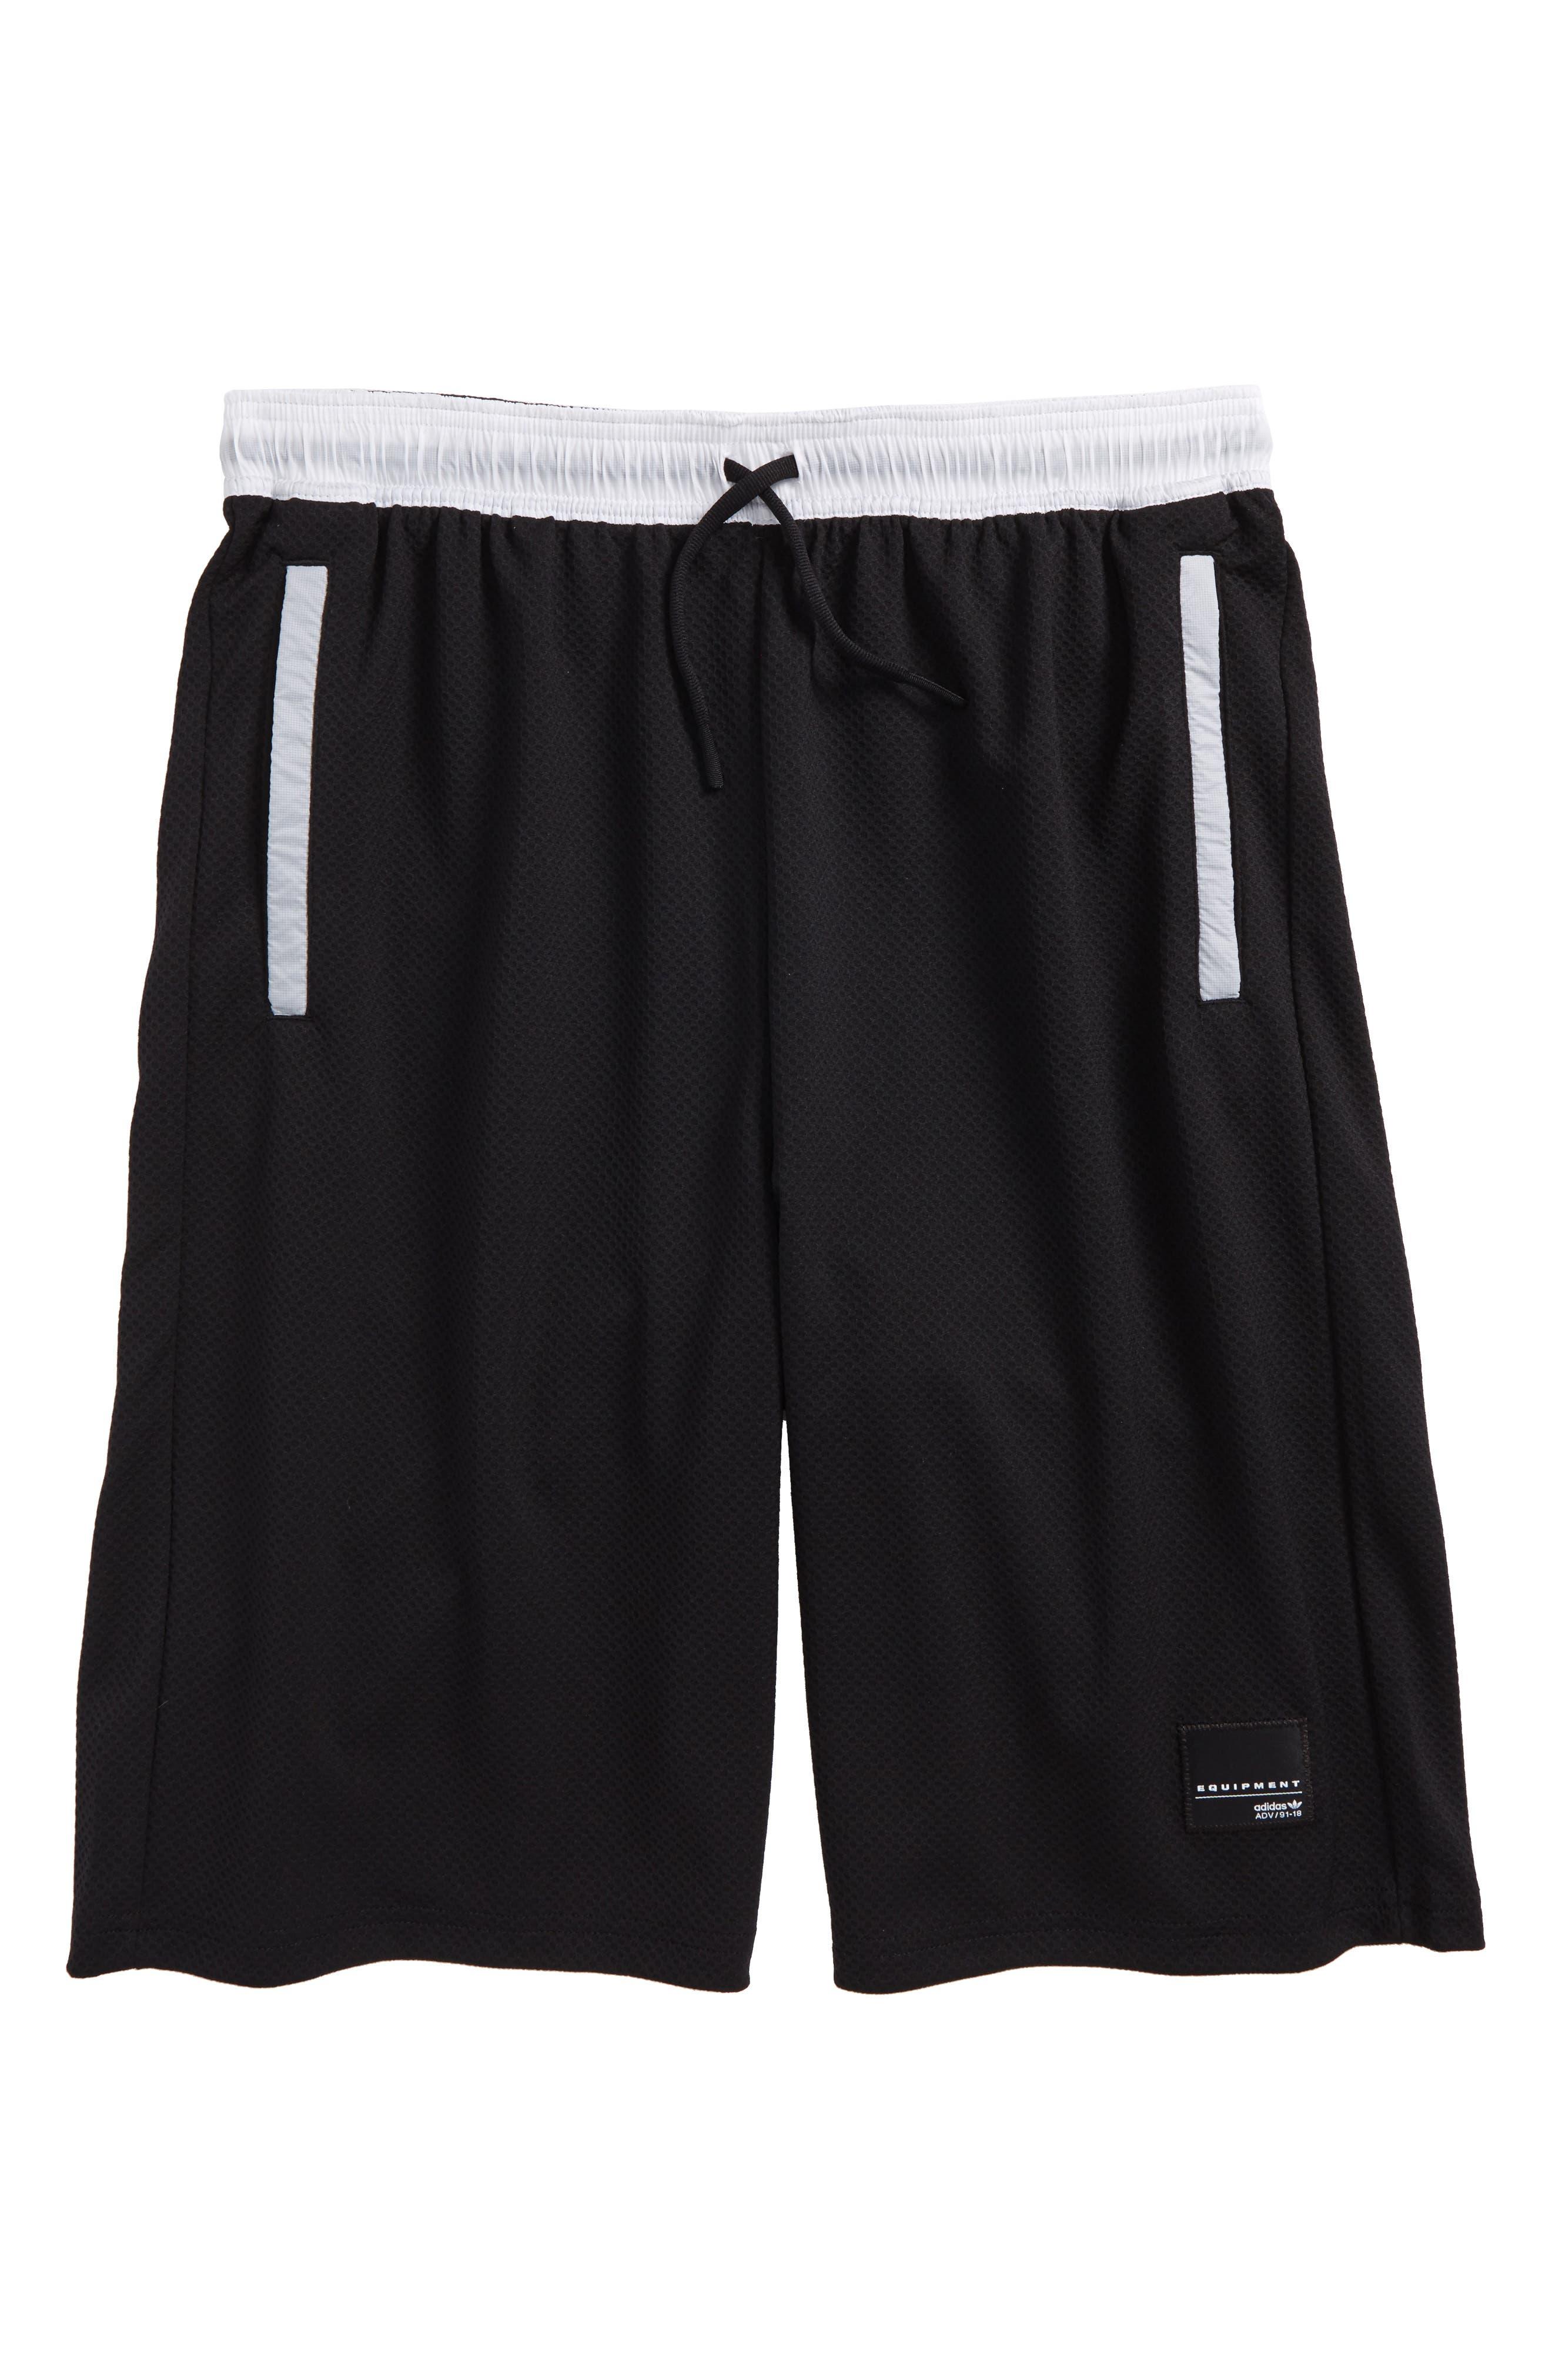 EQT Shorts,                         Main,                         color, Black